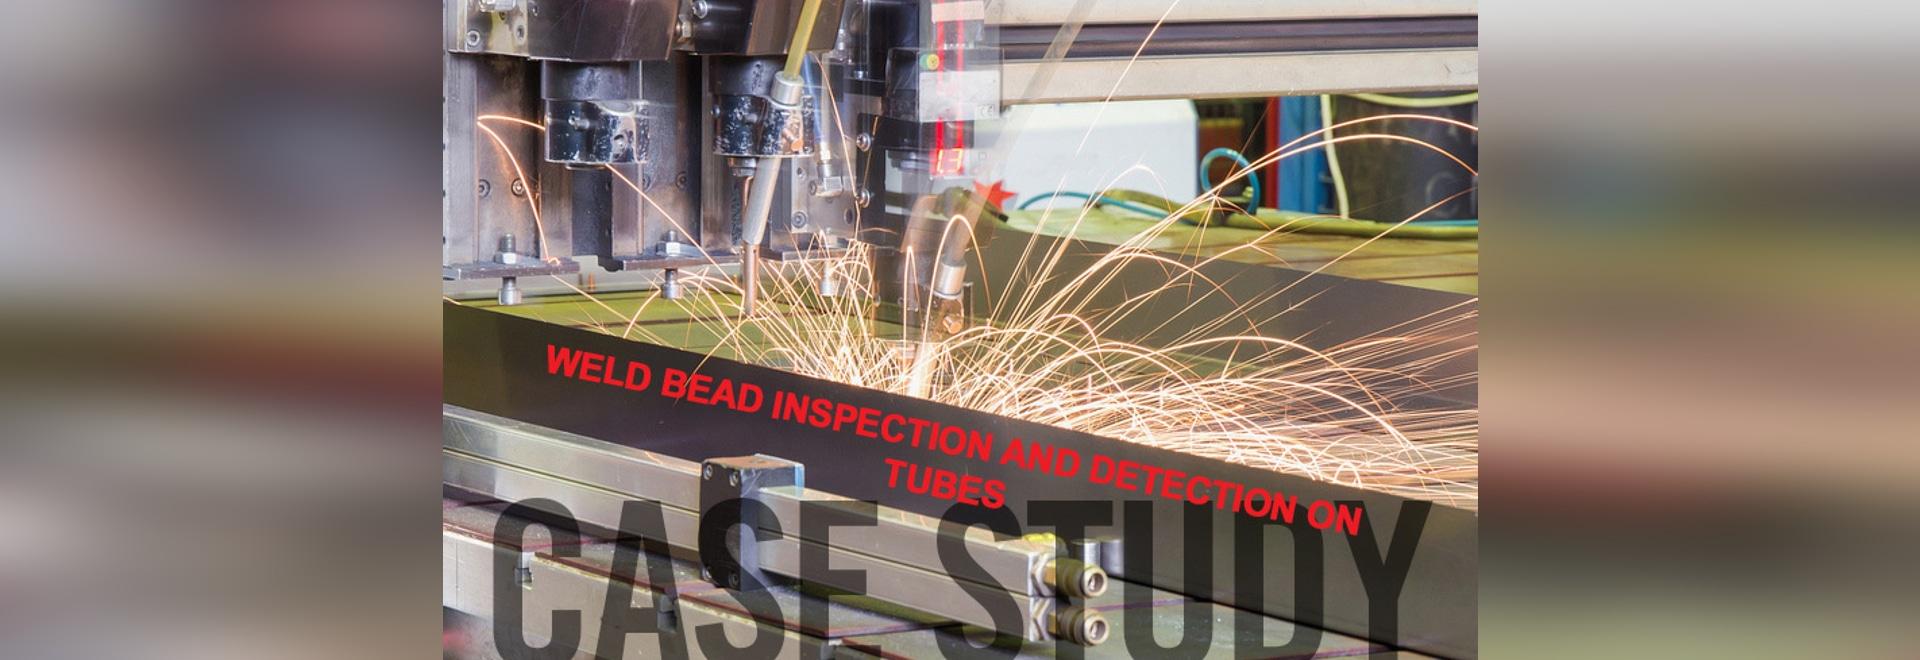 Inspection et détection de perle d'étude de cas-soudure sur des tubes